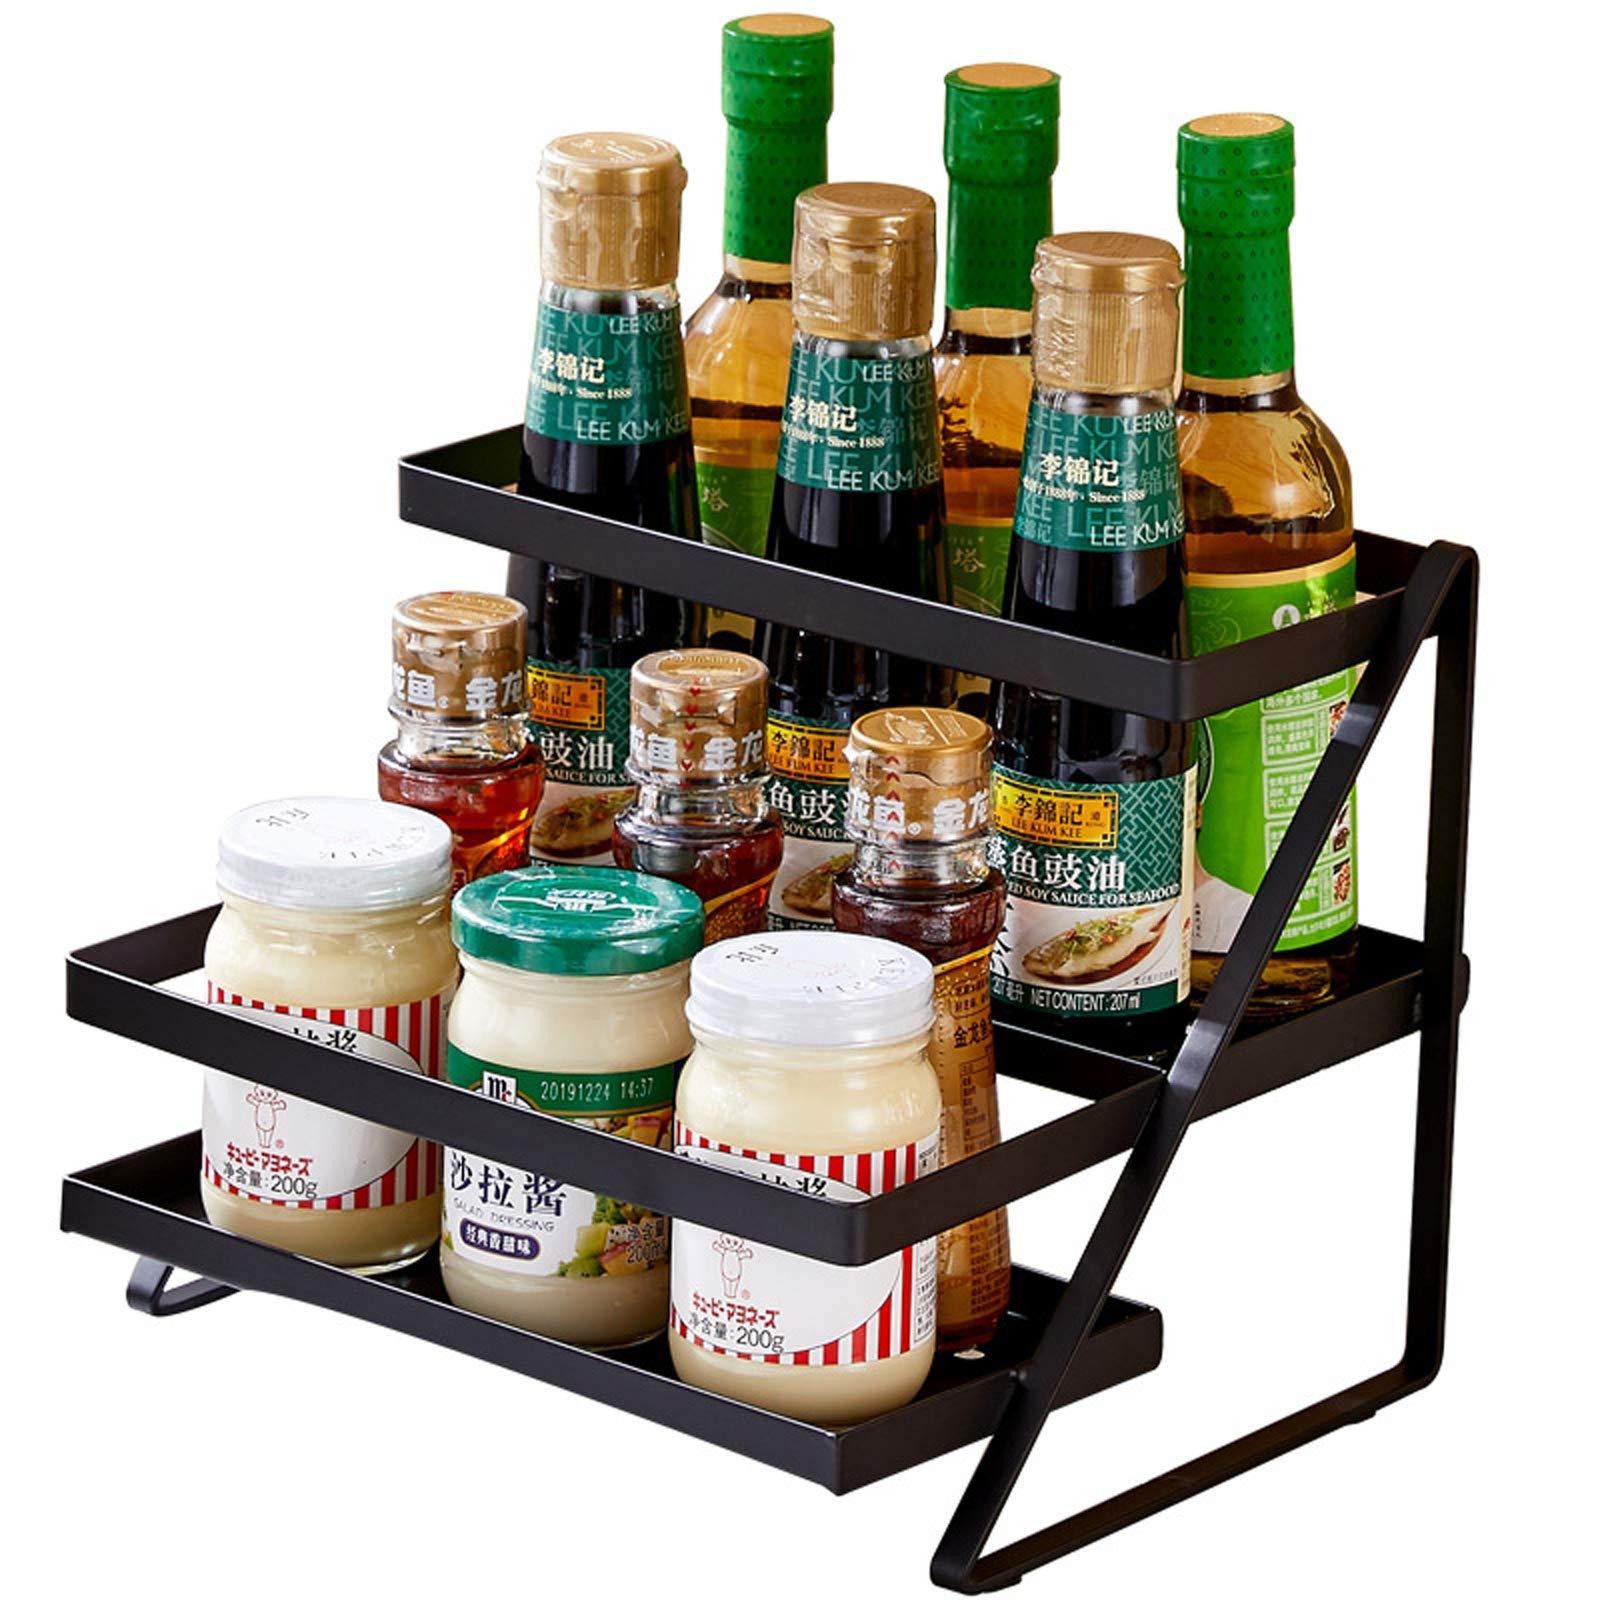 2-Tier Standing Spice Rack Storage Organizer Shelves Organizer Kitchen Counter Organizer Sturdy Kitchen Shelf Large Capacity Kitchen Storage Shelf Metal Spice Holder Shelf Storage Seasoning Rack